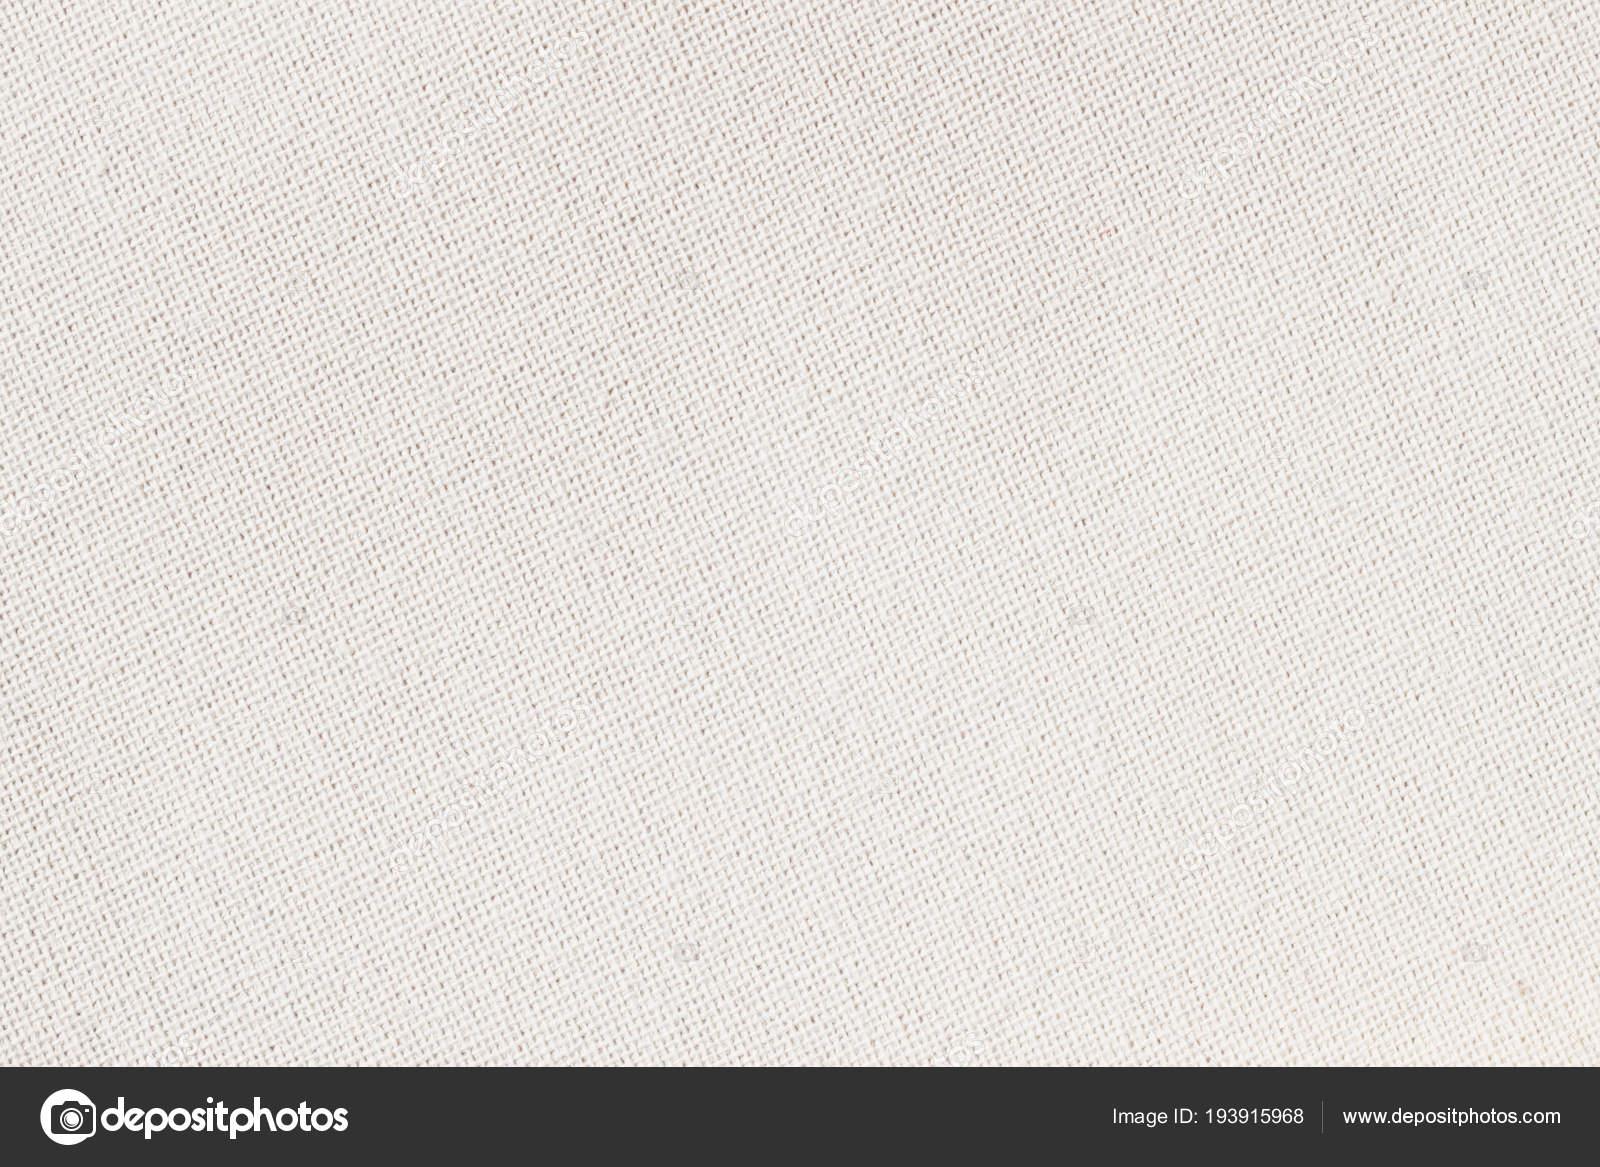 Un Sac Toile Tissu Jute Mod Le De Texture Pour Le Fond Cr Me